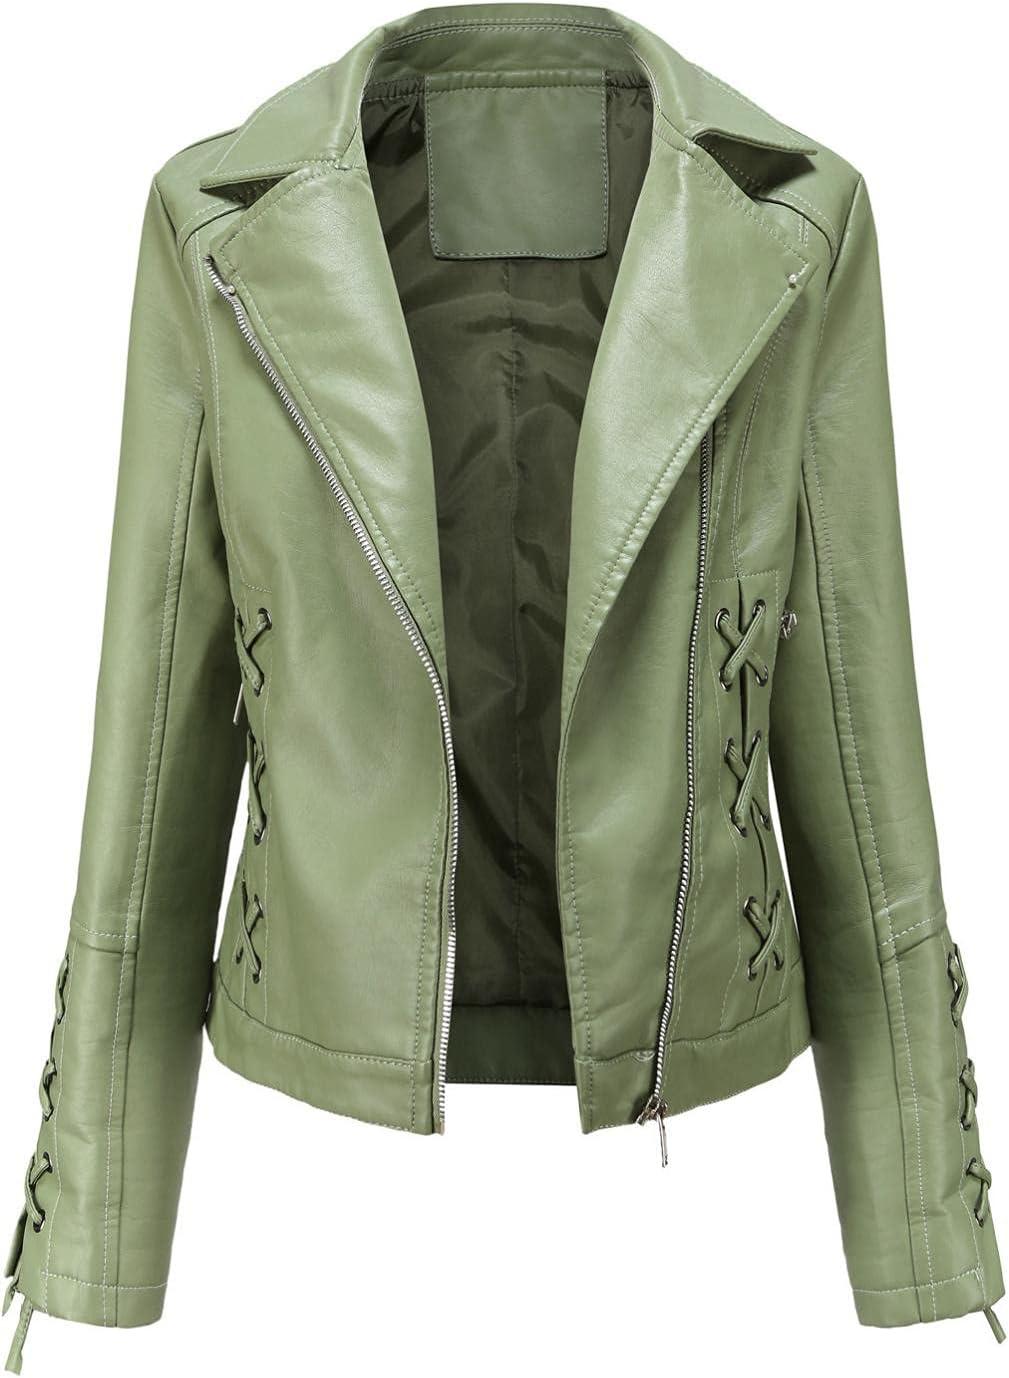 Women Faux Leather Motorcycle Jacket Crisscross Long Sleeve Zip Pocket Casual Lapel Coat Outerwear